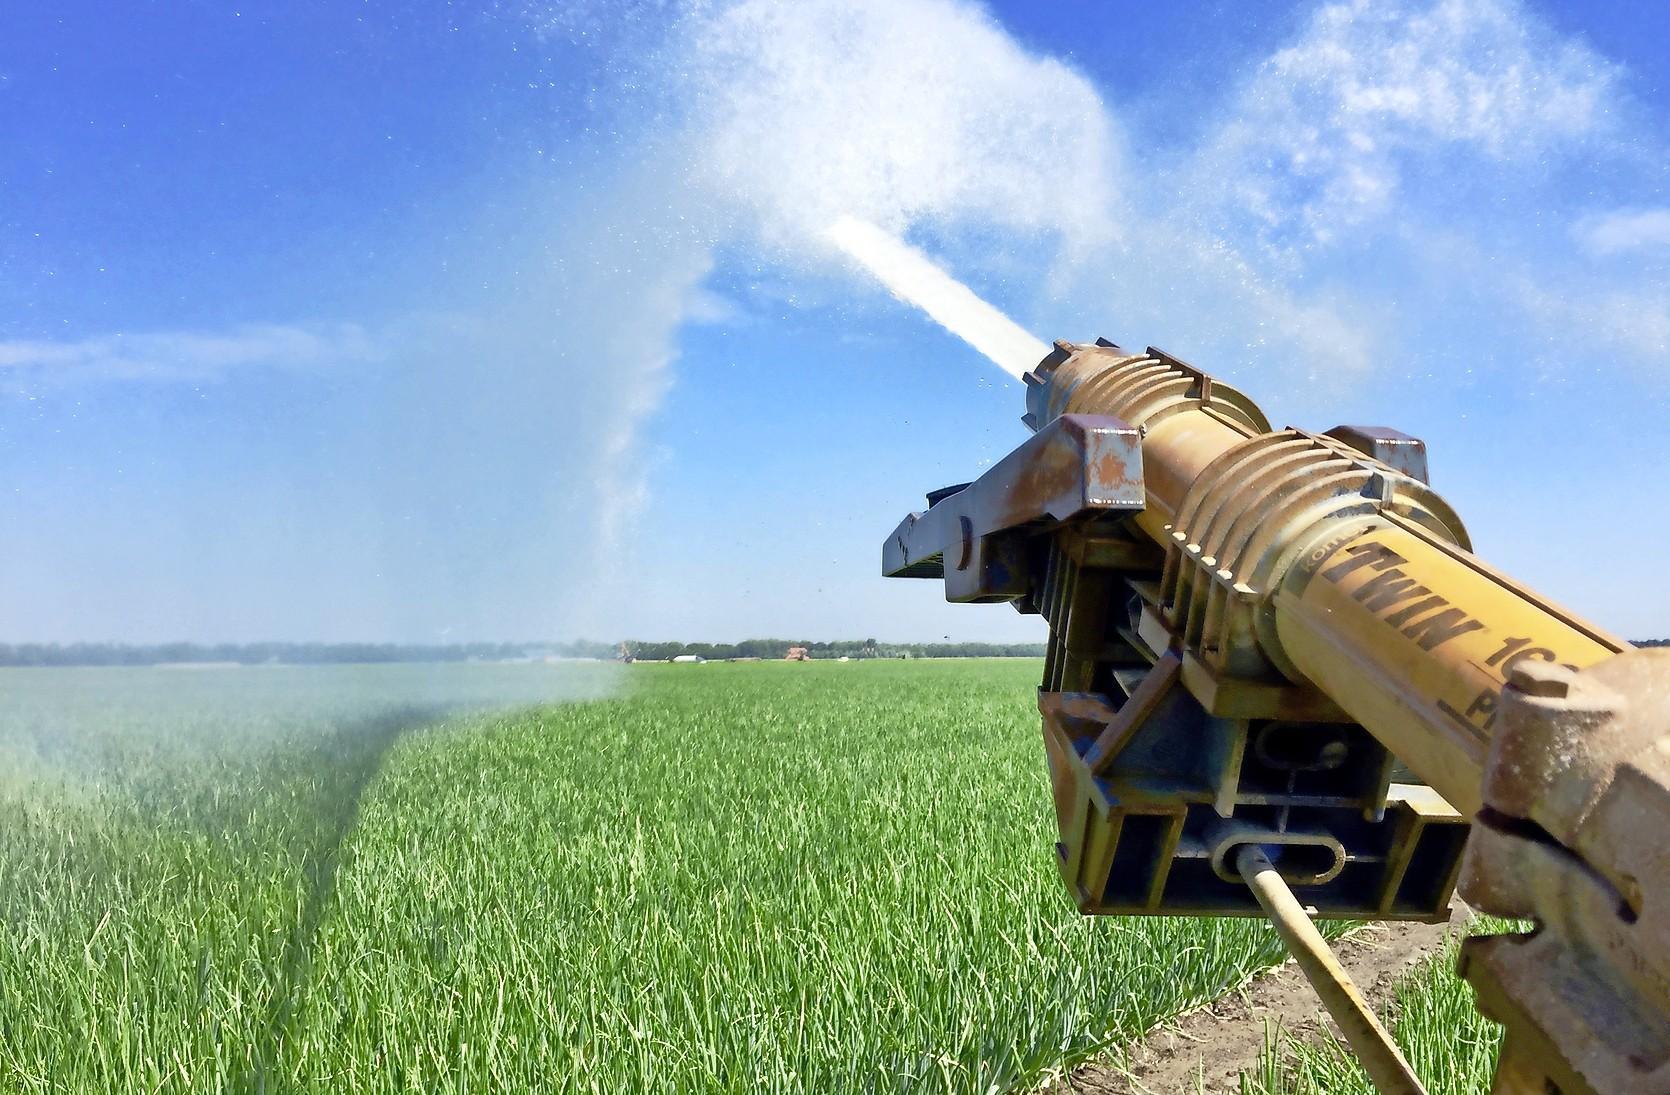 'Stress door de droogte maakt agrariërs kwetsbaar voor brand in beregeningsinstallatie'